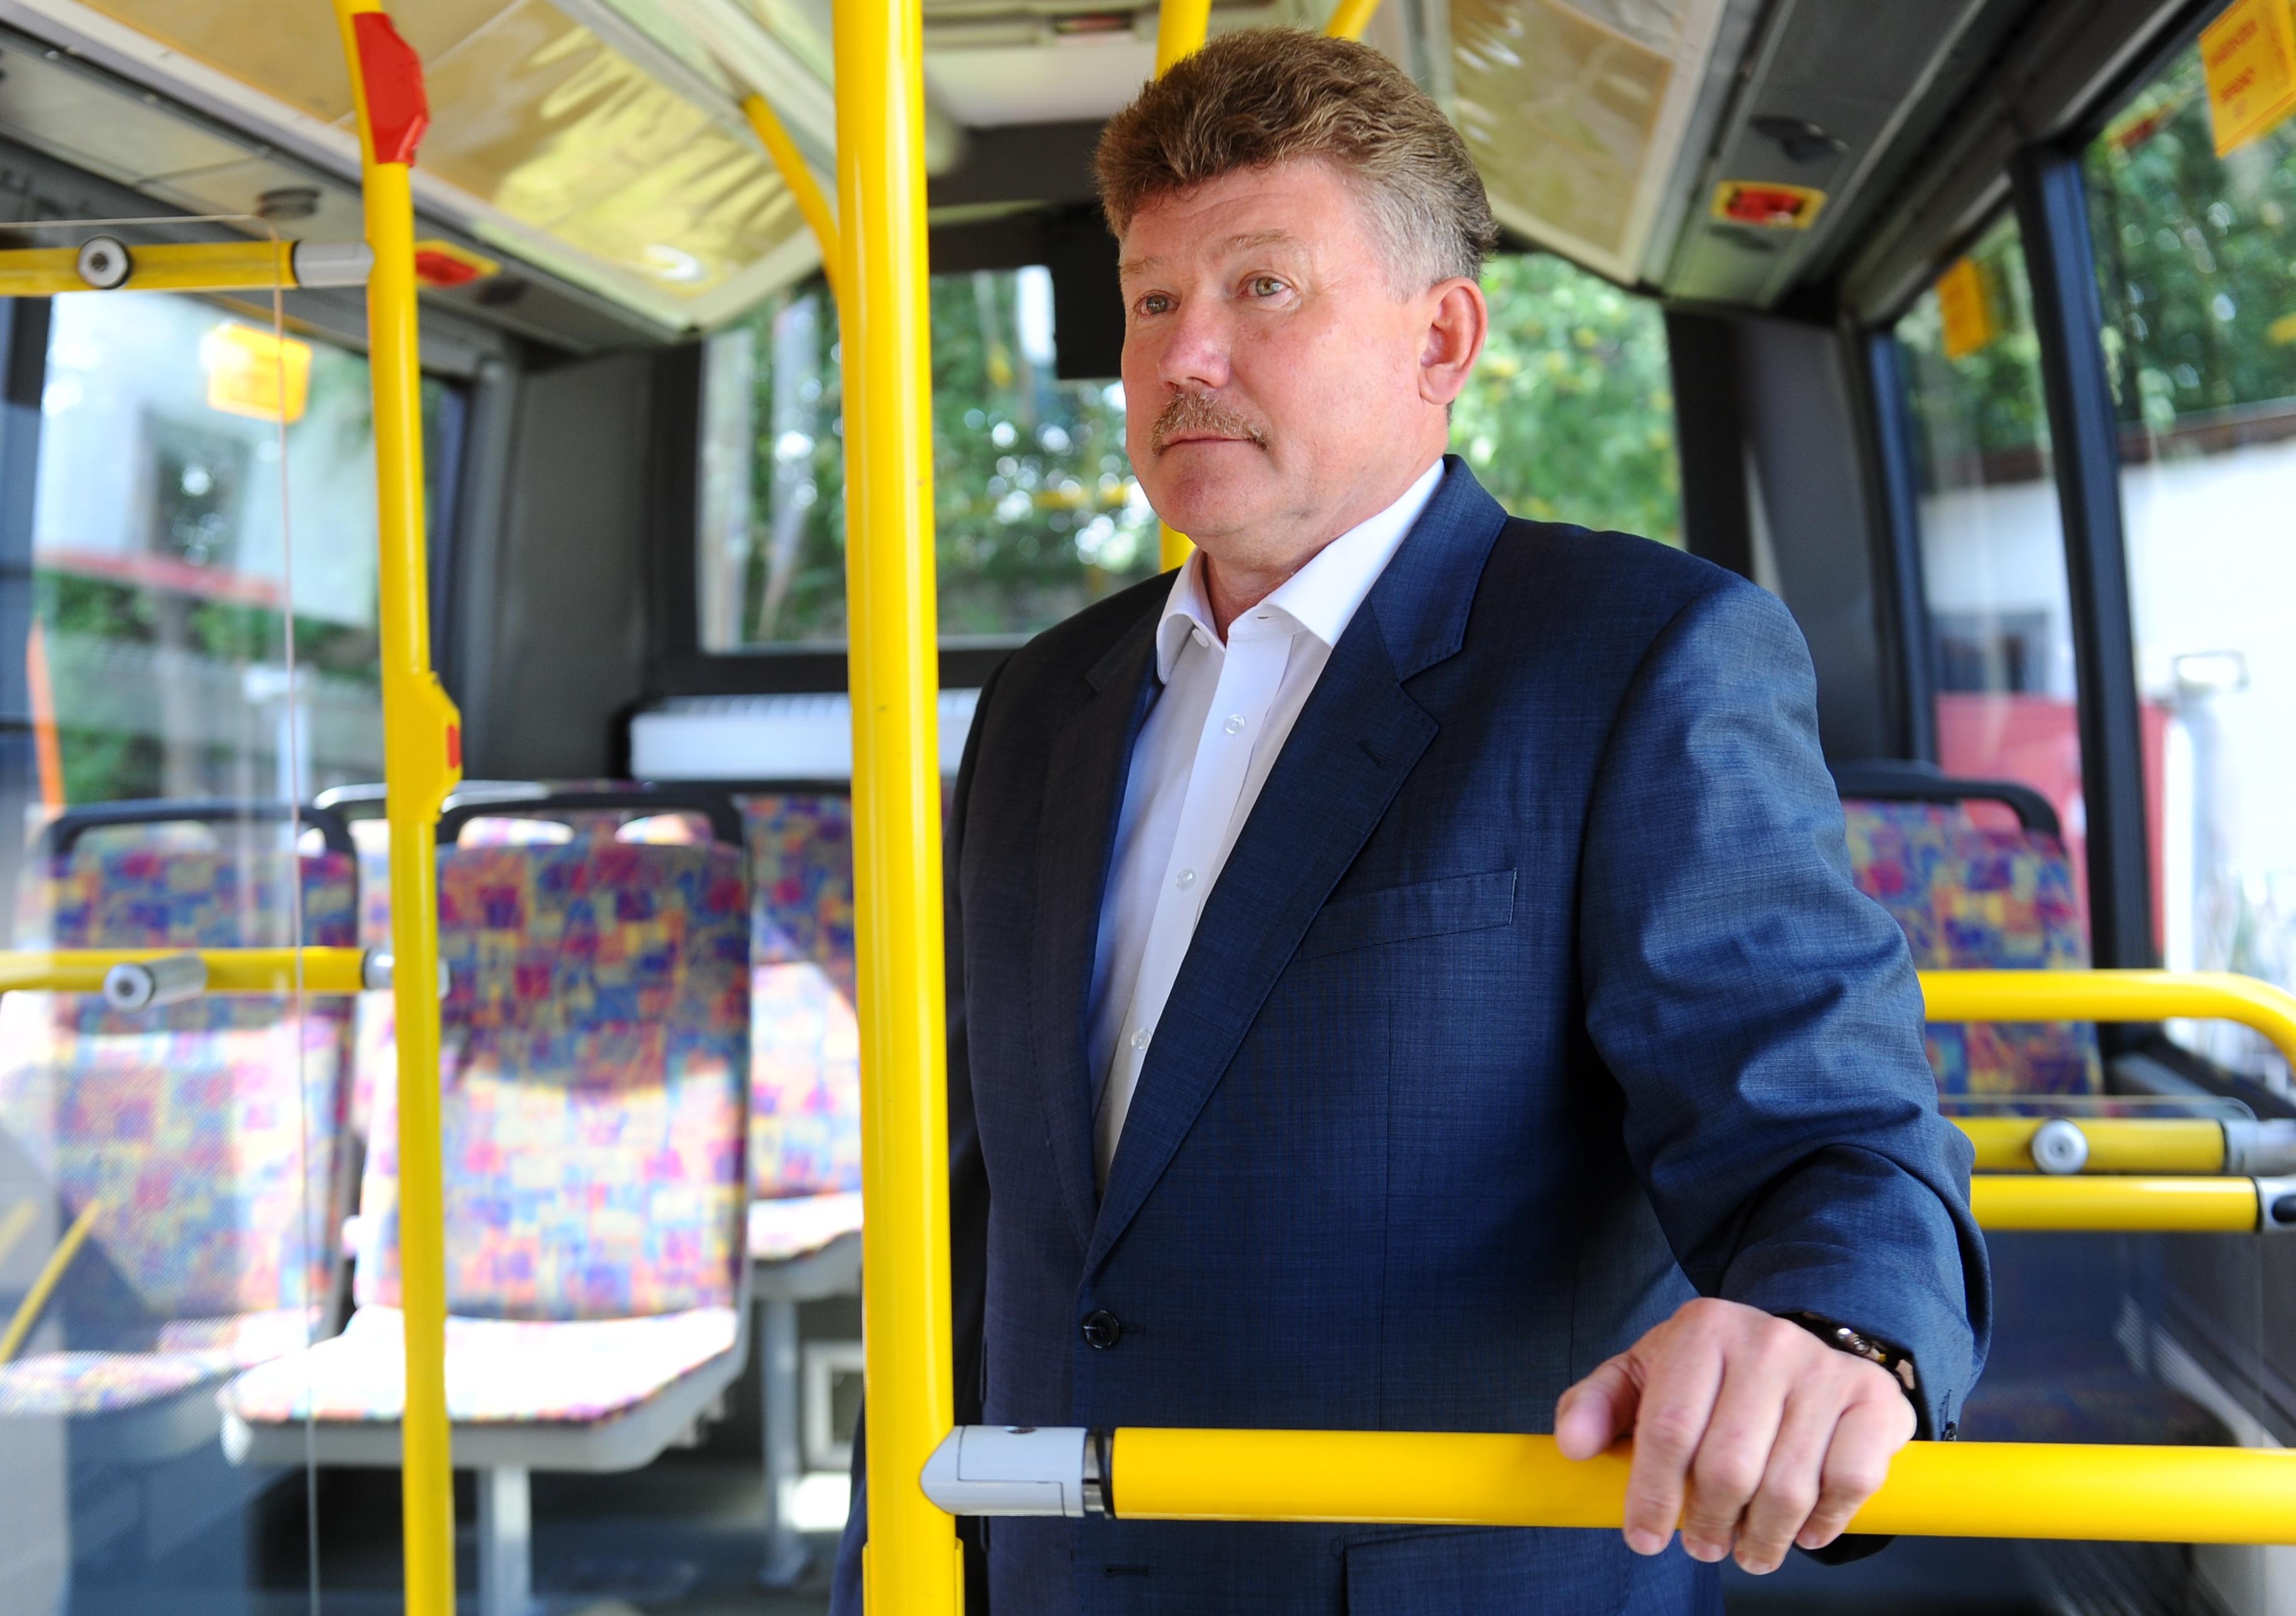 """SIA """"Rīgas satiksme"""" valdes priekšsēdētājs Leons Bemhens apmeklē uzņēmumu """"Rīgas satiksme"""", lai apskatītu pirmos septiņus autobusus, kurus """"Rīgas satiksme"""" gatavo nodošanai pilsētas skolu vajadzībām."""